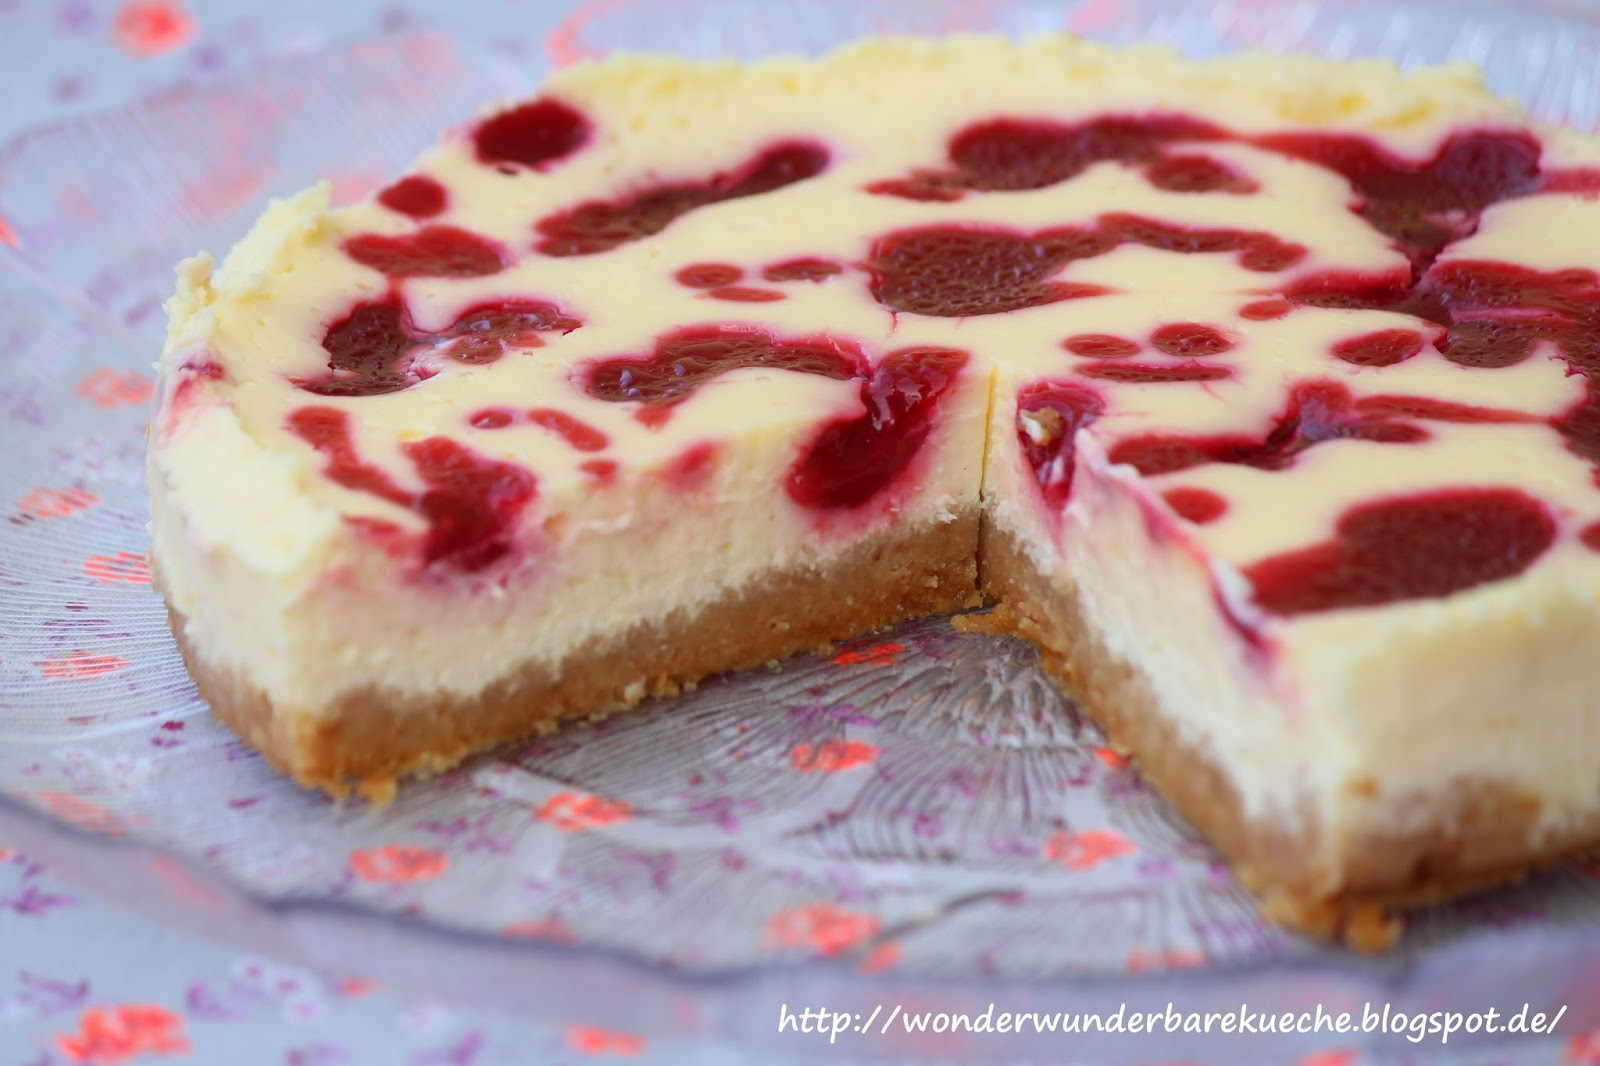 Wonder Wunderbare Küche: Kleine Kuchen: Käsekuchen mit ...